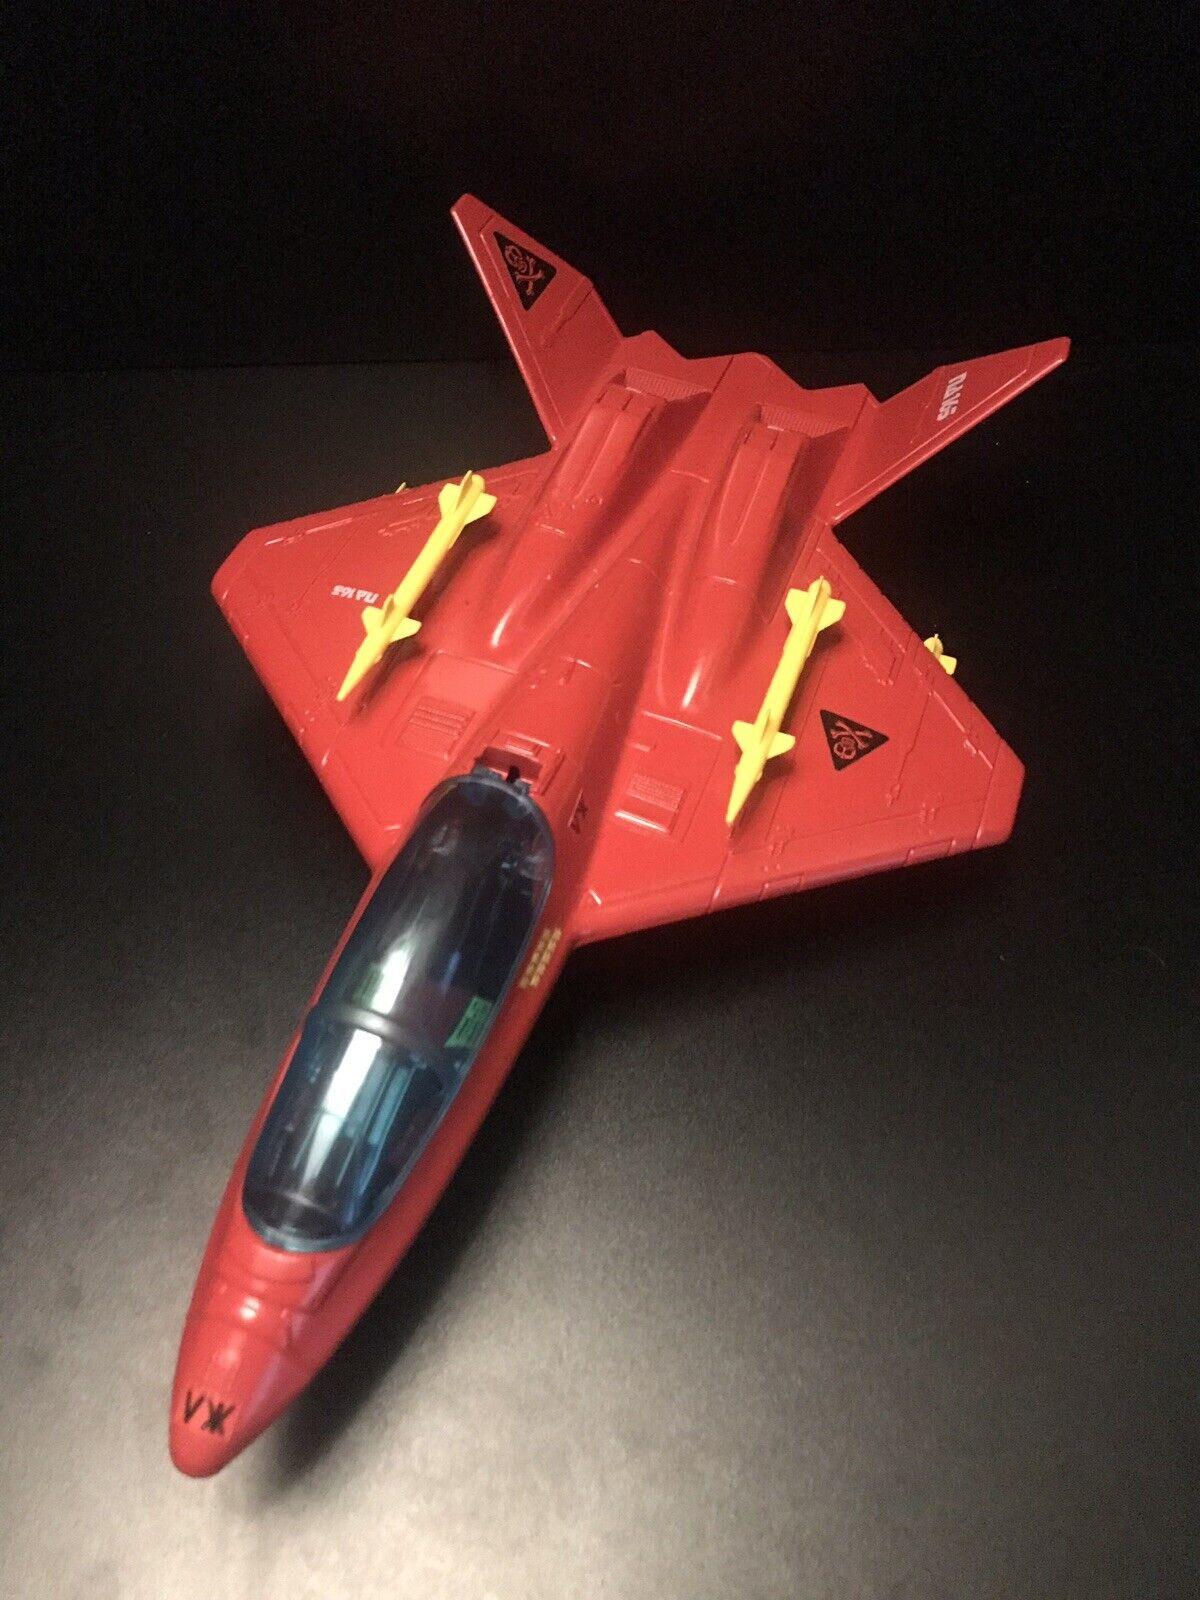 1992 Gi Joe Storm Águila v1 Completo Rojo Sombras vehículo personalizado